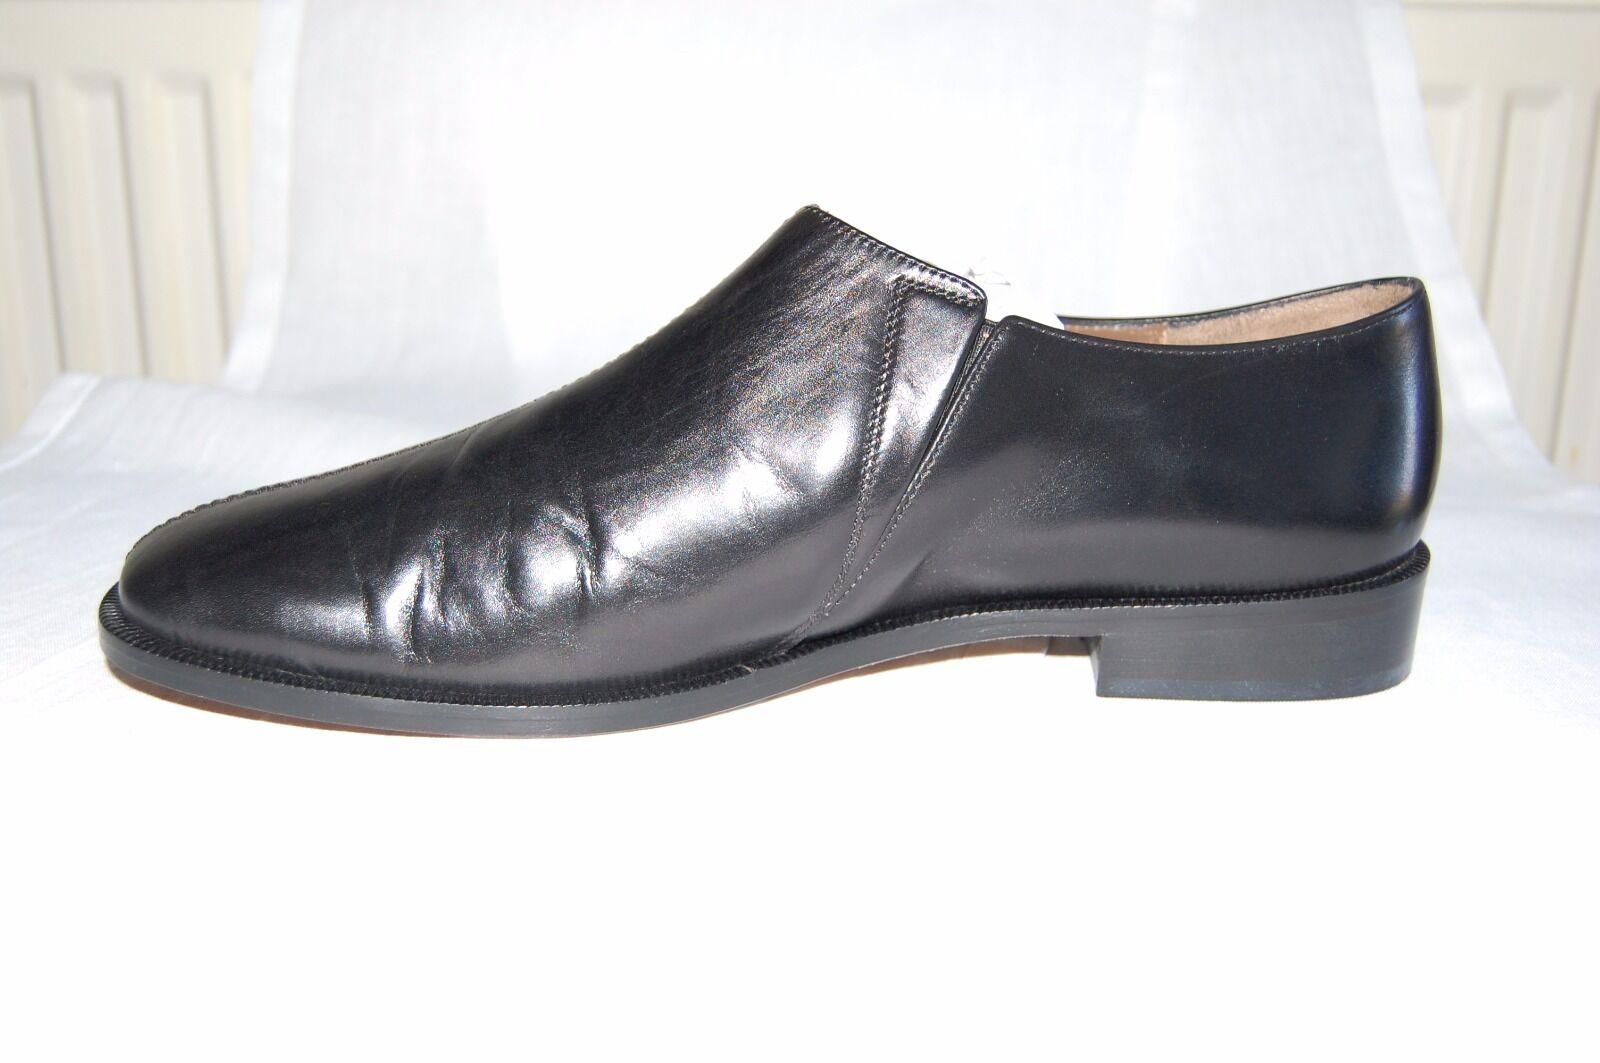 Nuevos Zapatos Negros EU Marni piel de becerro Mocasín Tacón Bajo Talla EU Negros 41 3332ef